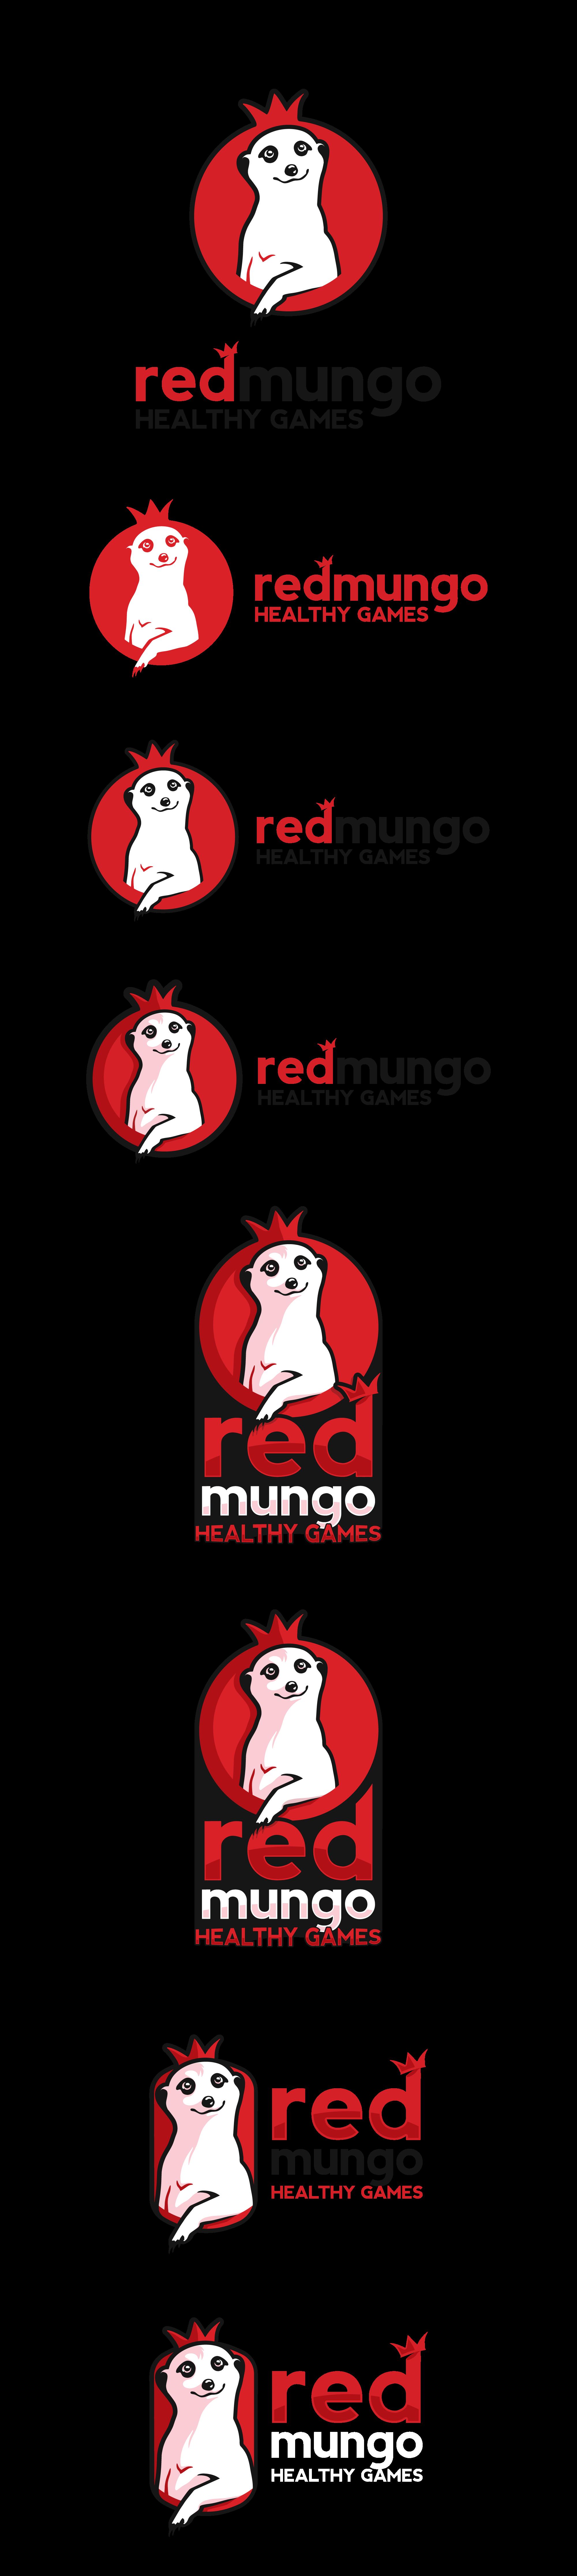 Redmungo Gaming Developer Logo Contest